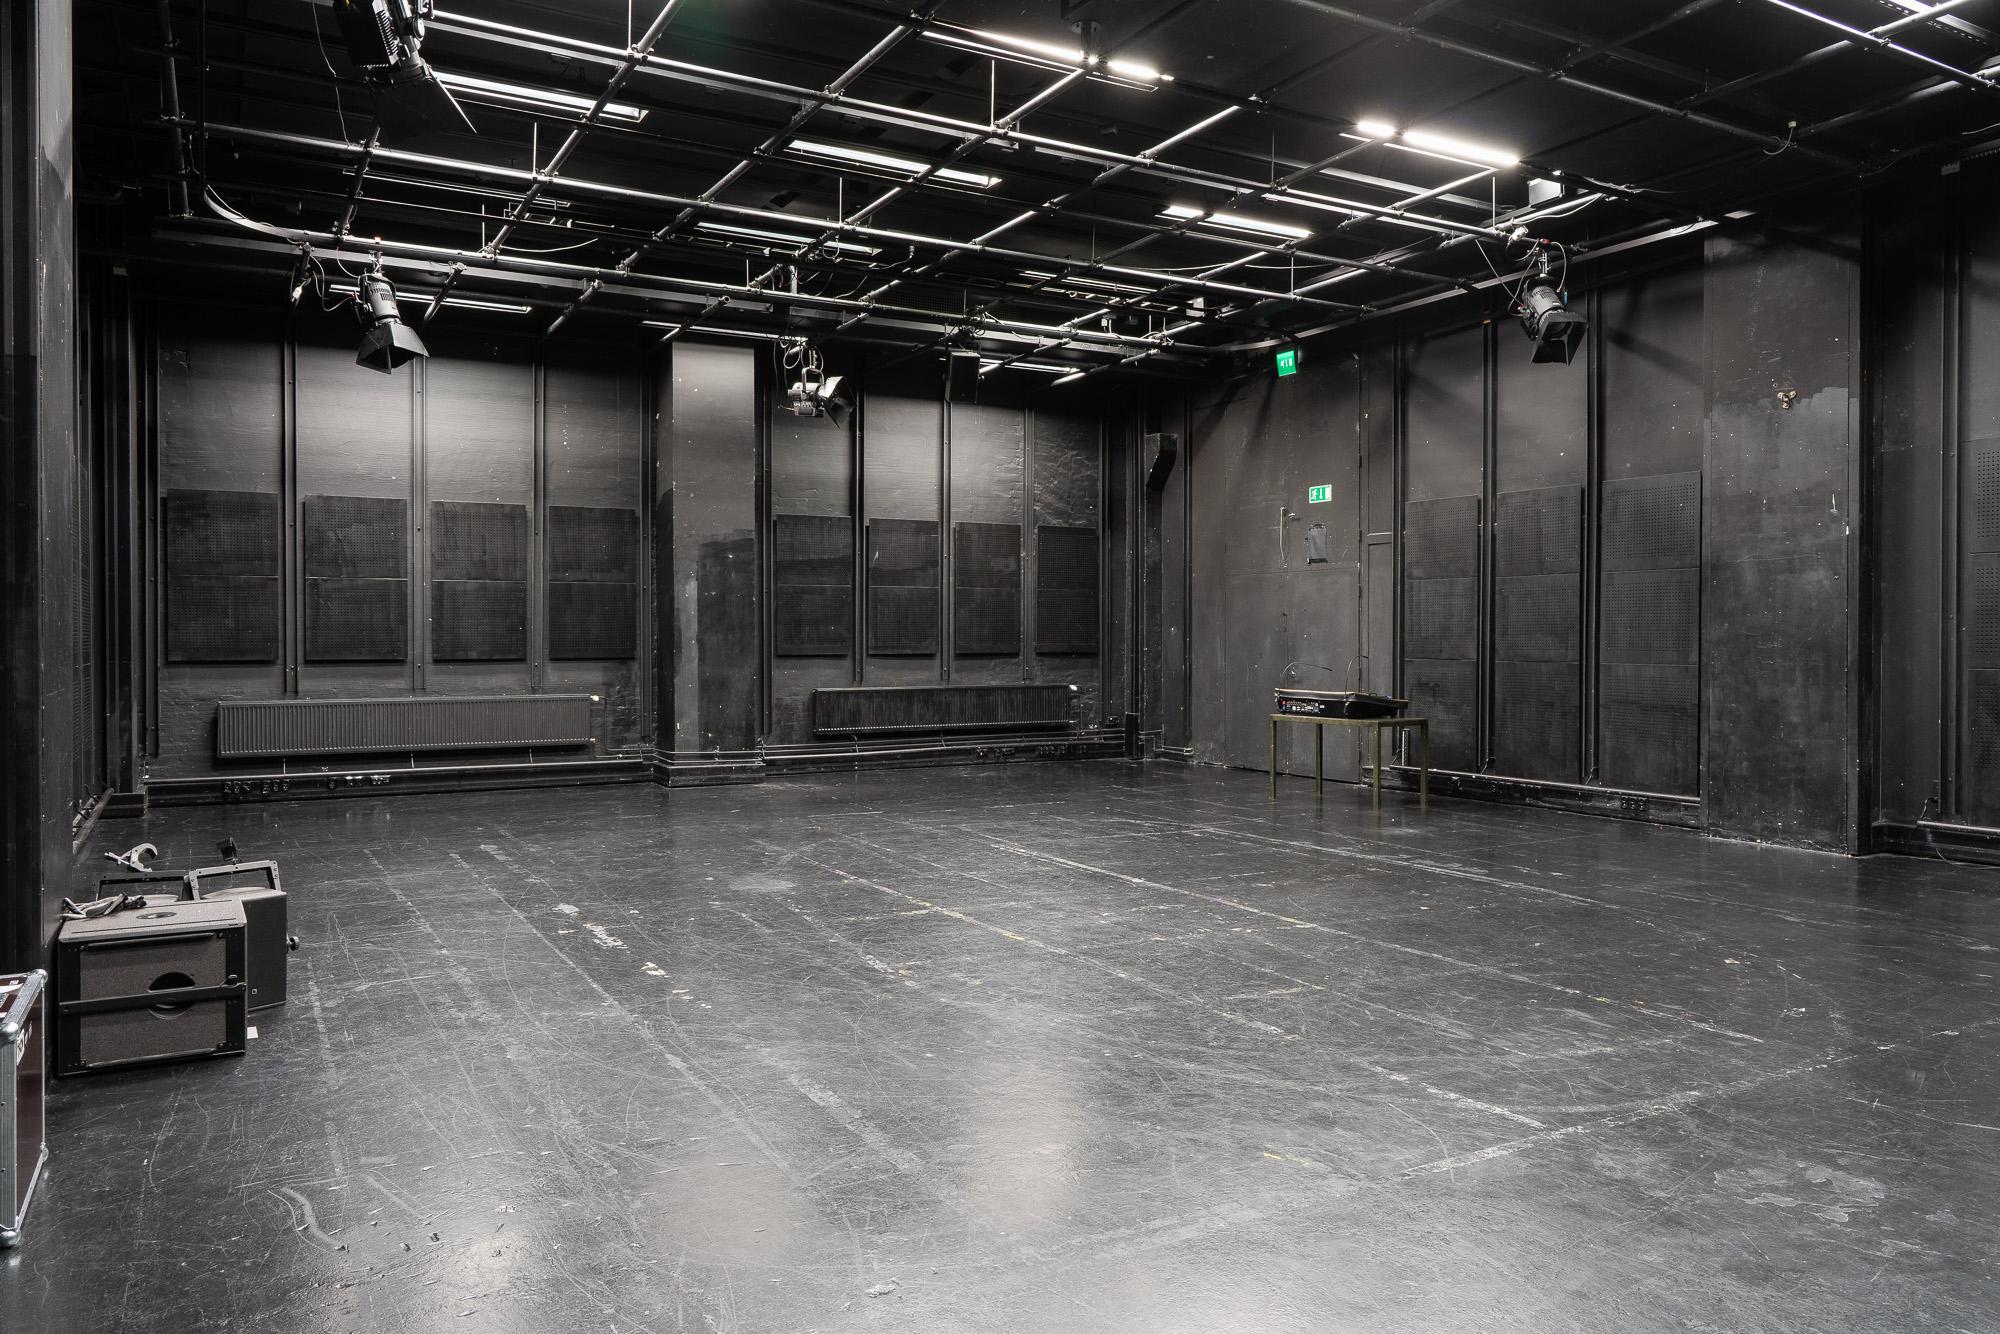 Neljäs kerta avasi ovet ohjaajaopintoihin – Teatterikorkeakoulun pääsykokeet välikarsintoineen vaativat kovaa paineensietokykyä